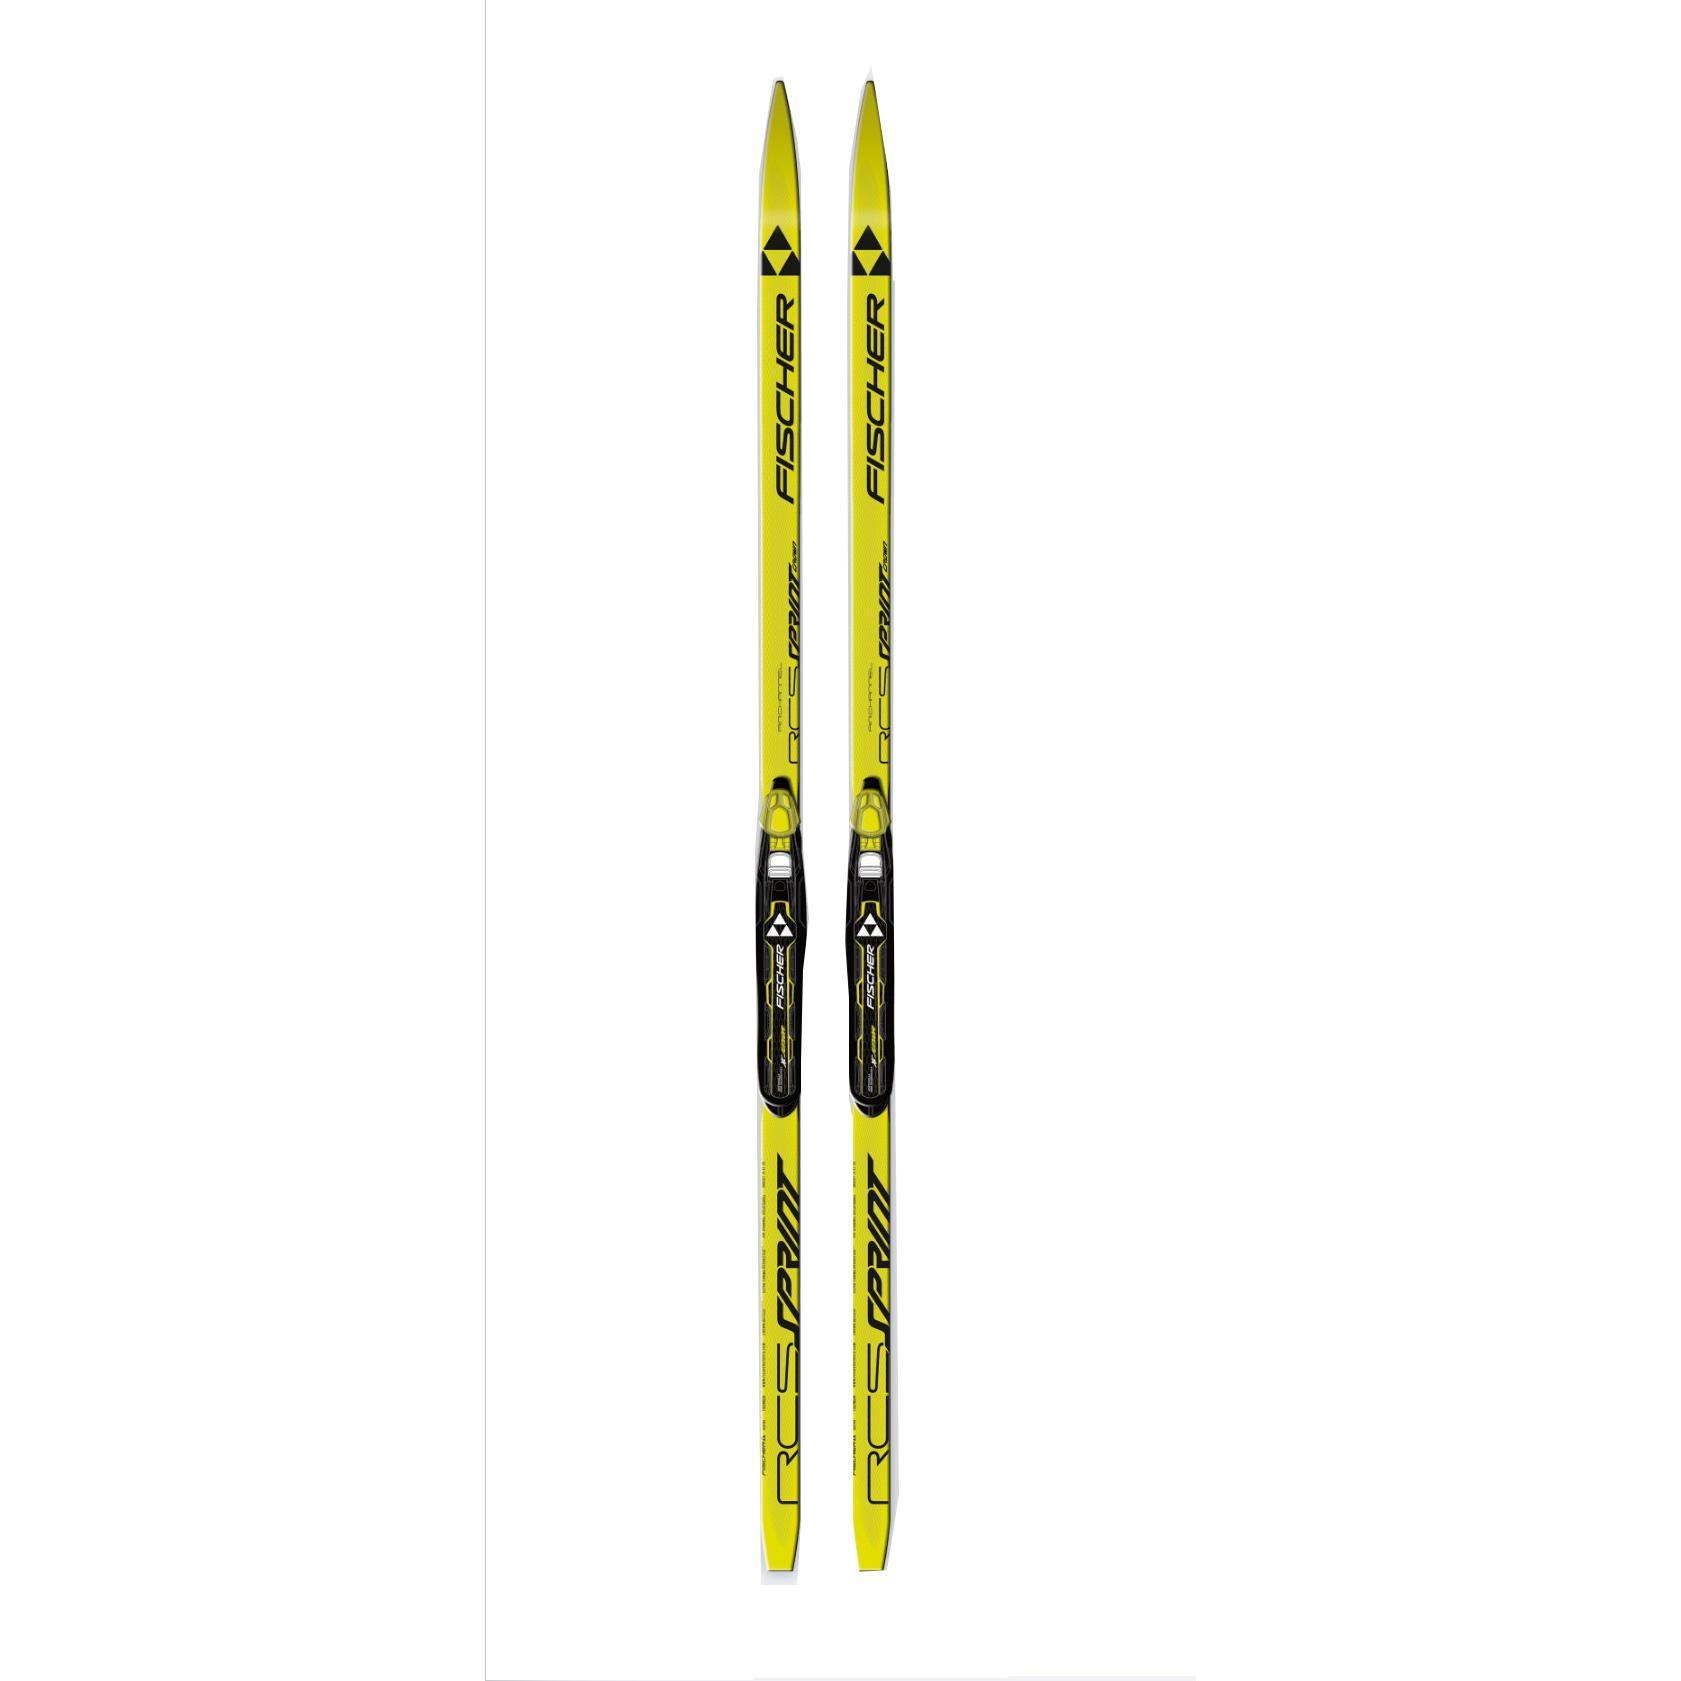 Беговые лыжи FISCHER 2016-17 SPRINT CROWN YELLOW JR. Беговые лыжи  Код  товара для заказа по телефону  1290553 2d21ef20e7c